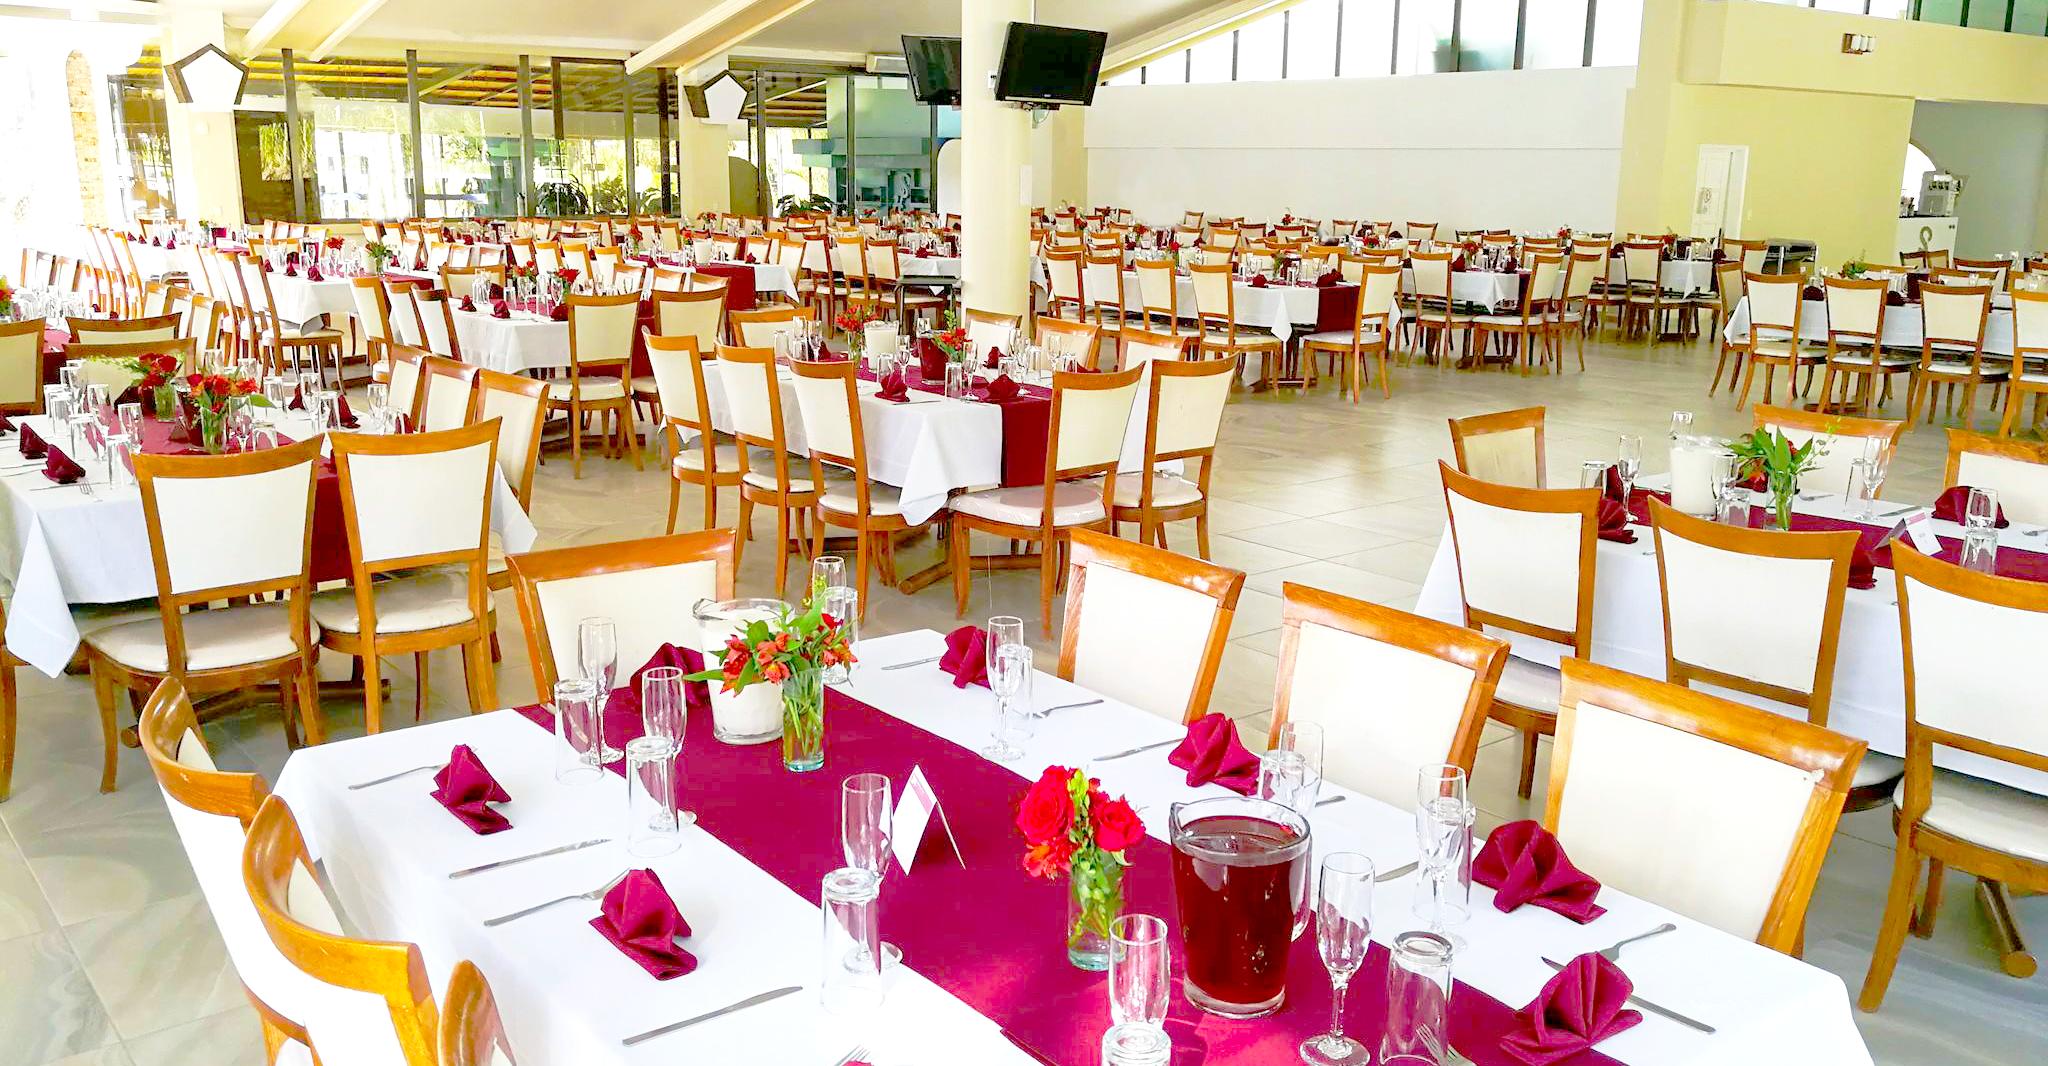 Salón, dentro de las instalaciones del Restaurante & Salón San Pedro Huaquilpan. Ubicándonos en el municipio de Zapotlán de Juárez Hgo. México.